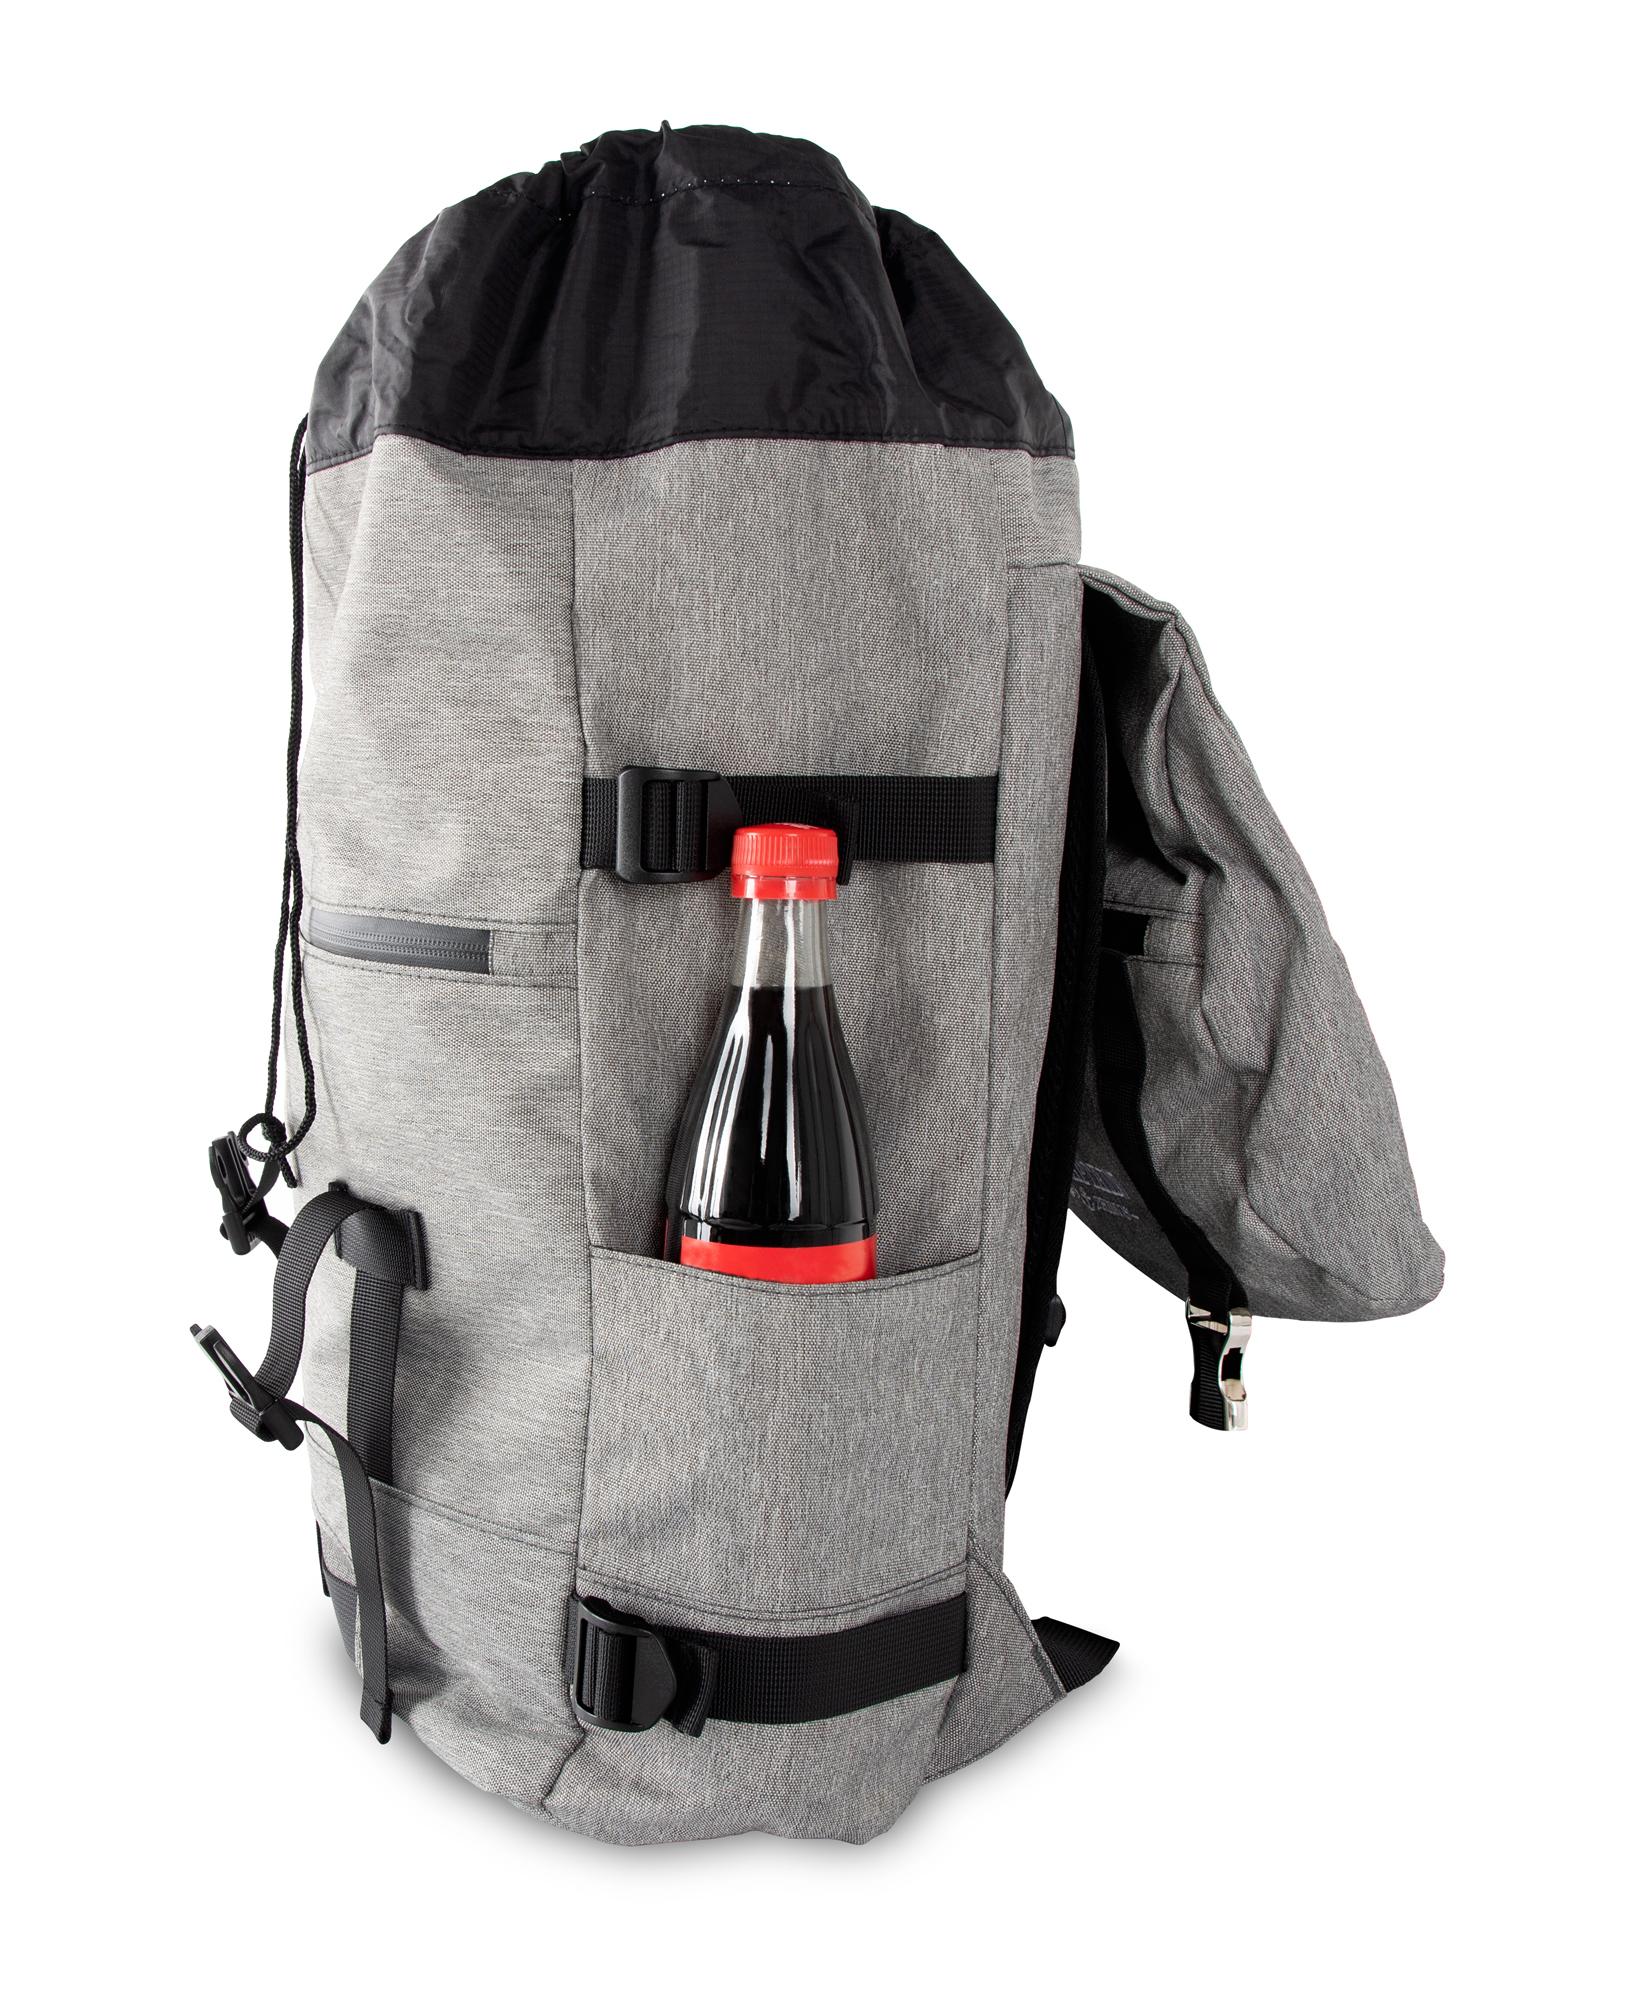 Sac-a-Dos-Backpack-Bandouliere-Ordinateur-Laptop-Ecole-Voyage-Unisexe-Gris miniature 5